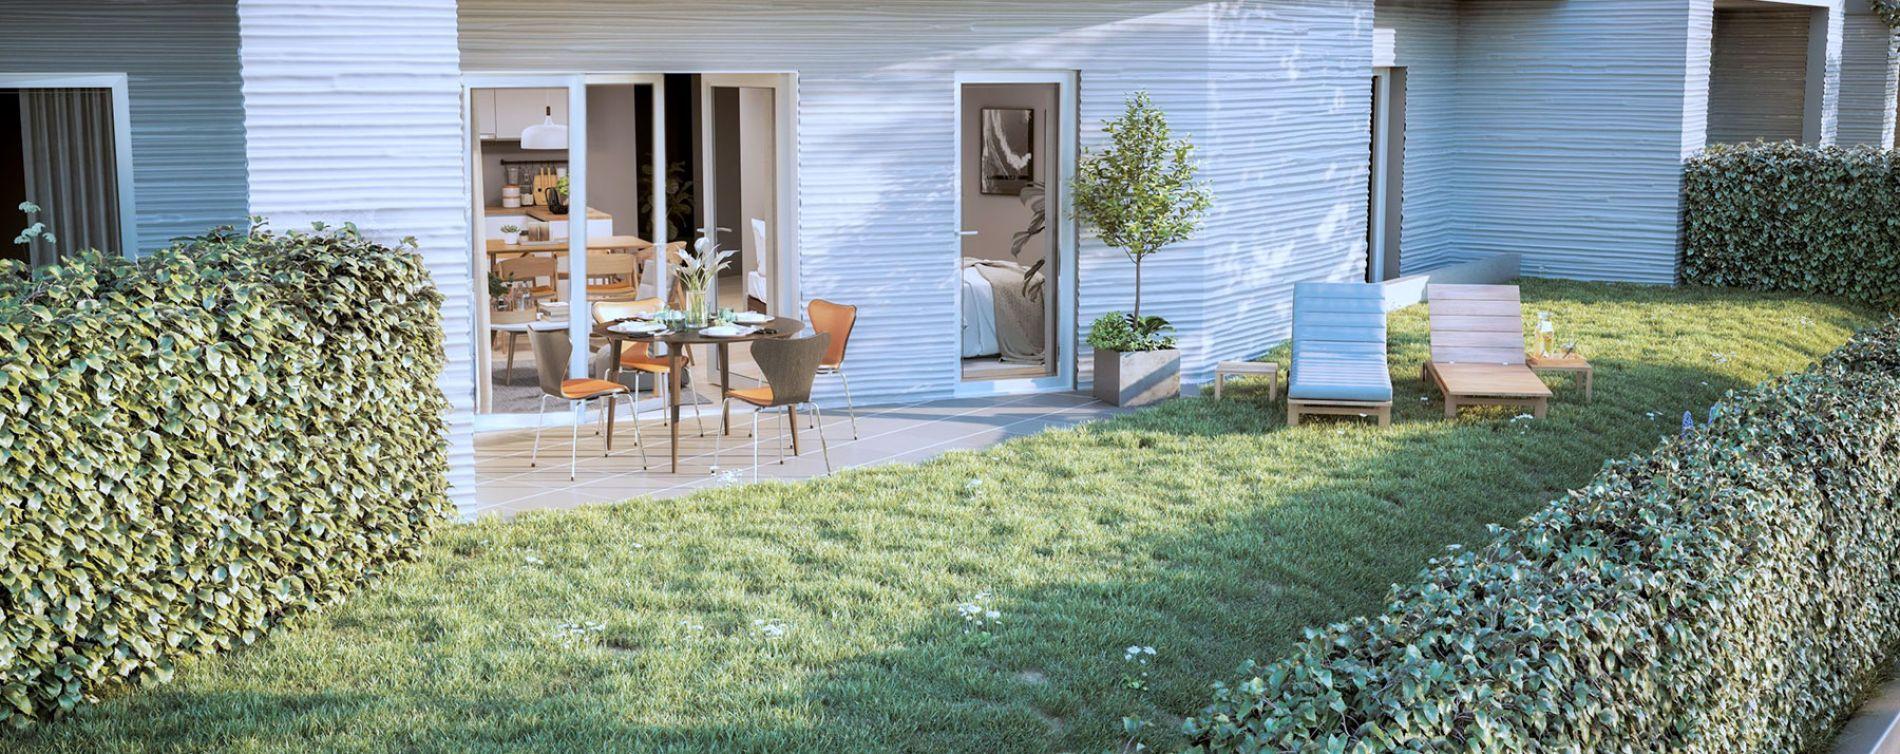 Auribeau-sur-Siagne : programme immobilier neuve « Ellipse » (3)